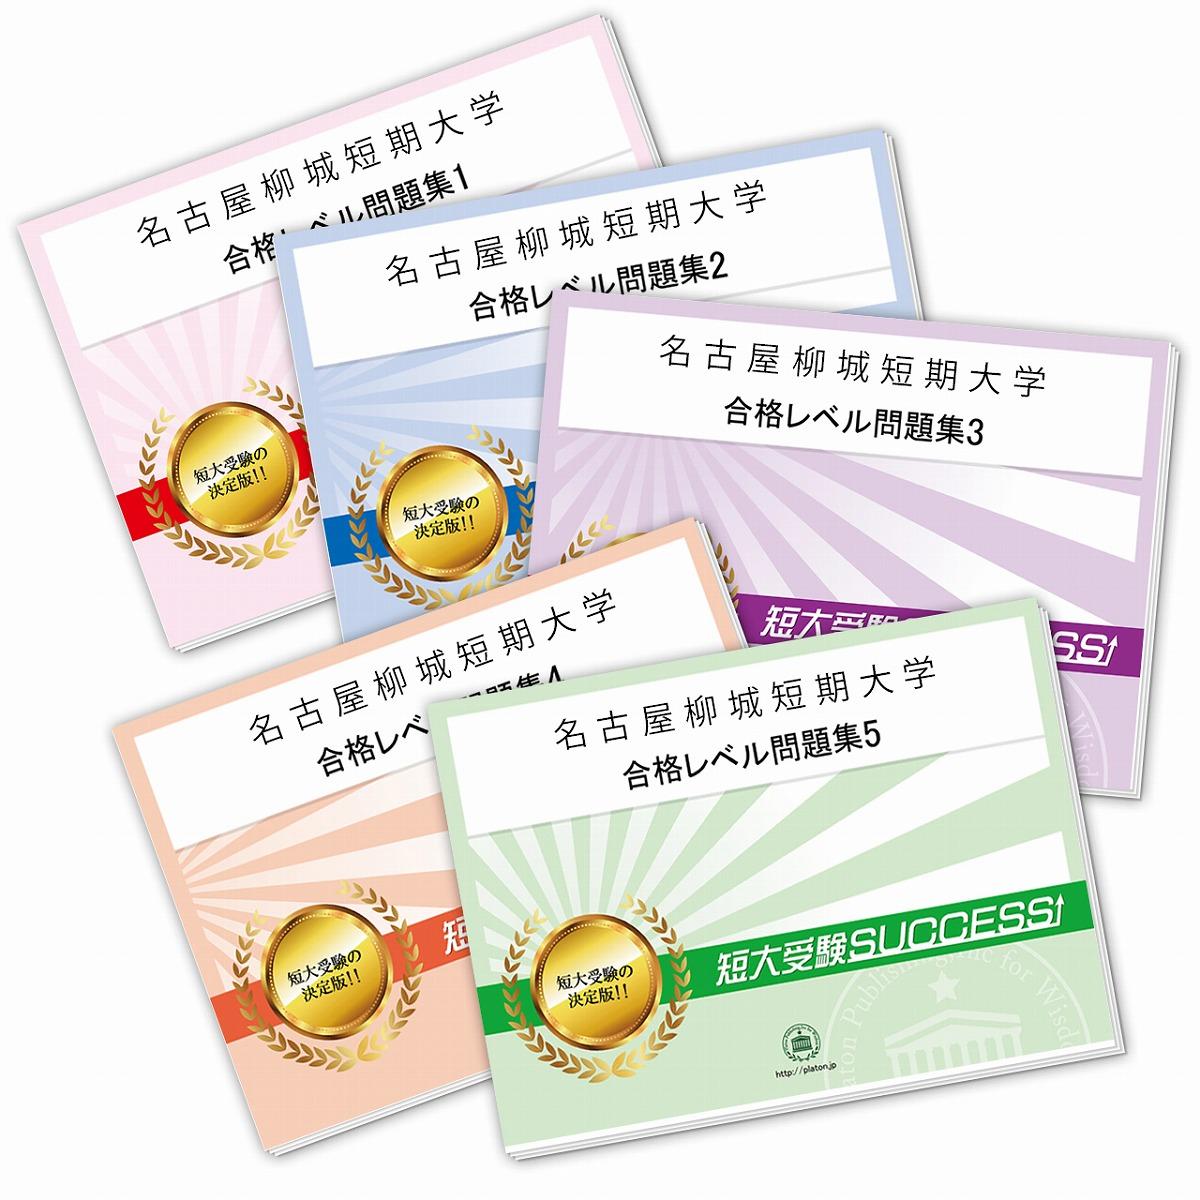 【送料・代引手数料無料】名古屋柳城短期大学受験合格セット(5冊)